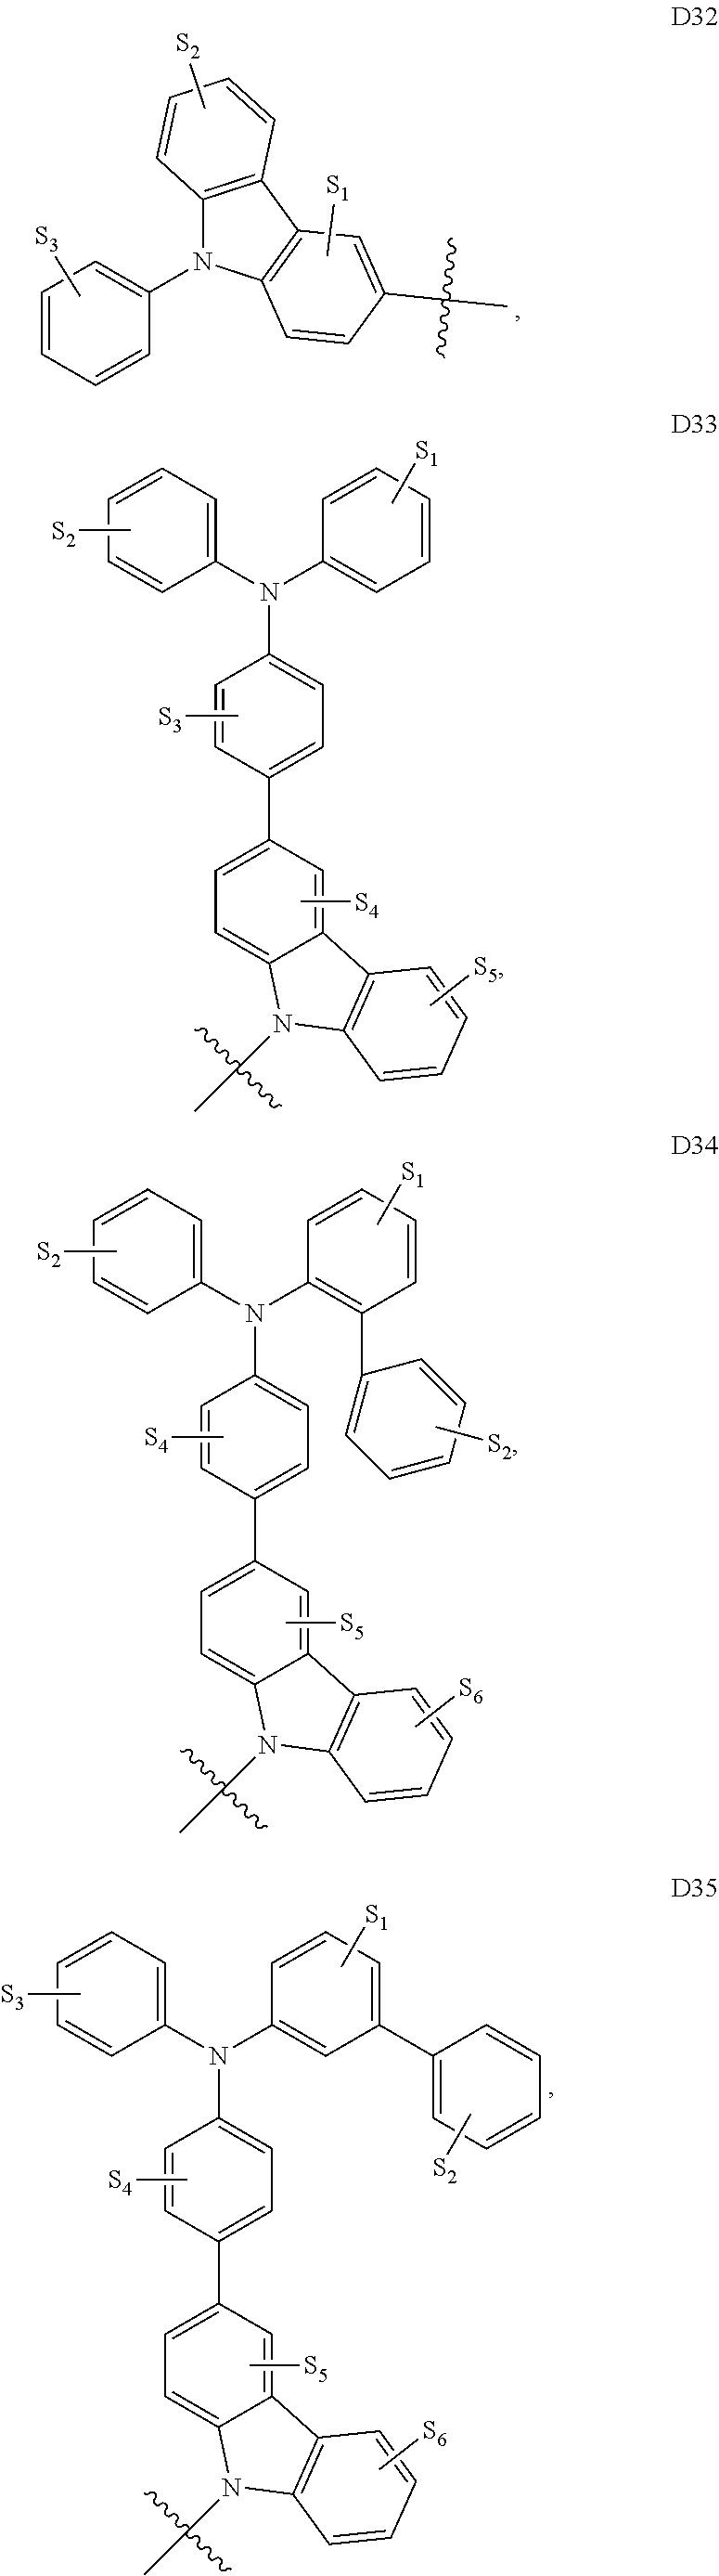 Figure US09537106-20170103-C00129